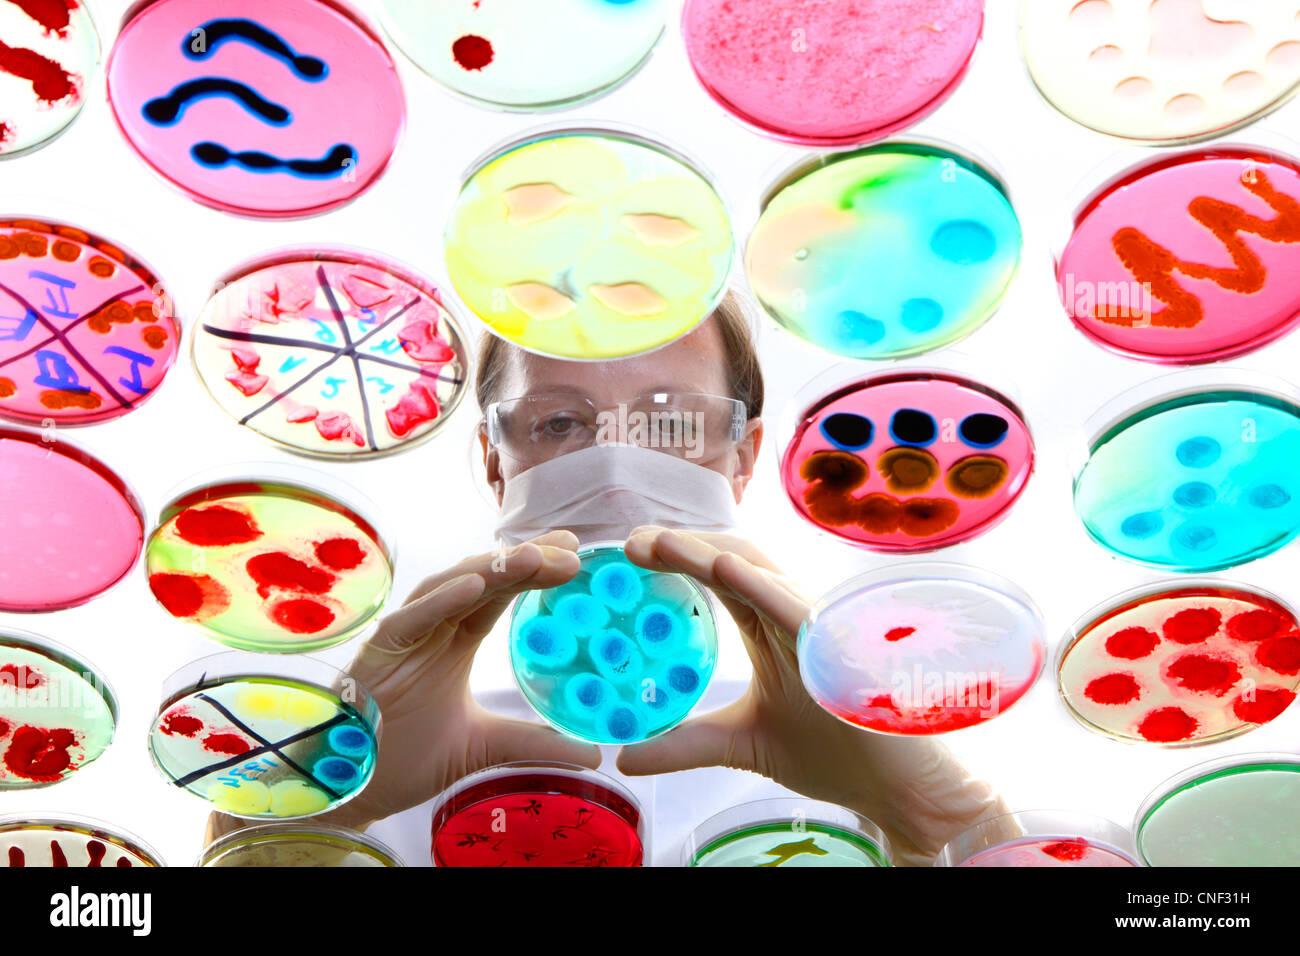 Laboratorio, biológicas, químicas. Análisis de cultivos bacterianos de bacterias que crecen en placas Imagen De Stock